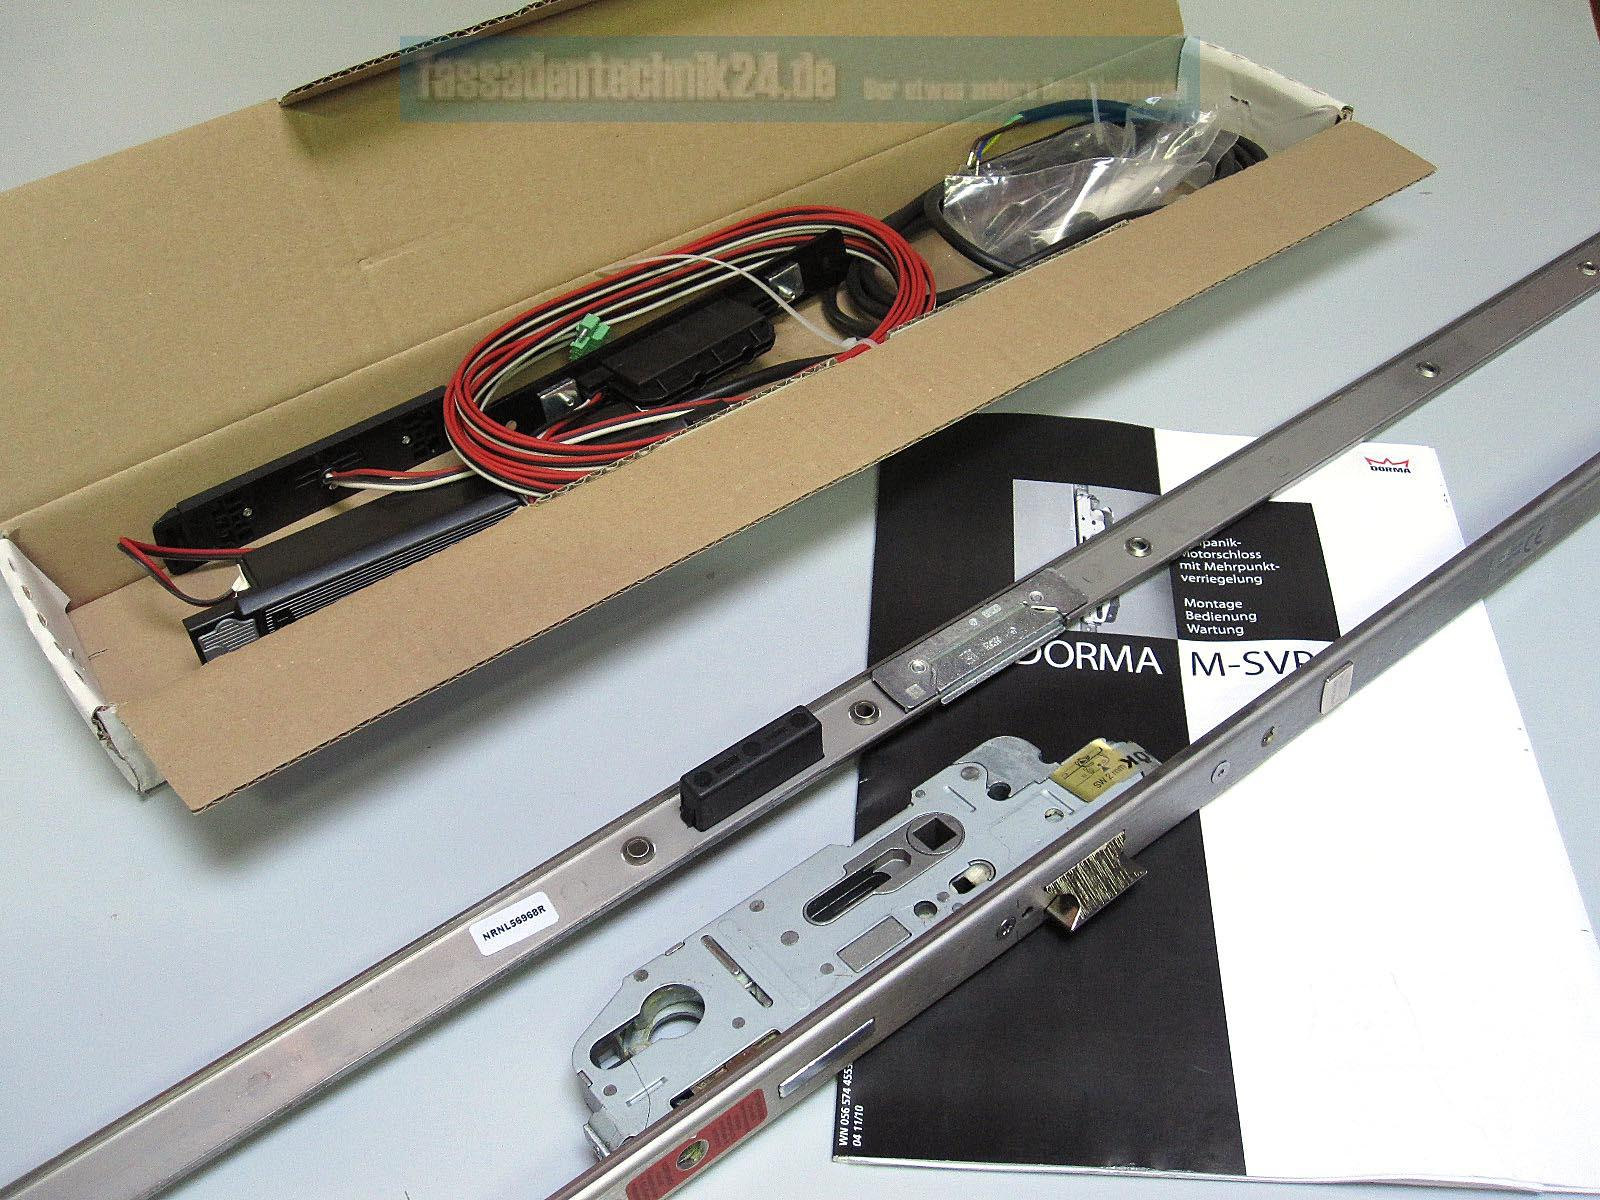 dorma antipanik motorschlo mit mehrpunktverriegelung m svp 2000 uu din rs 35d ebay. Black Bedroom Furniture Sets. Home Design Ideas